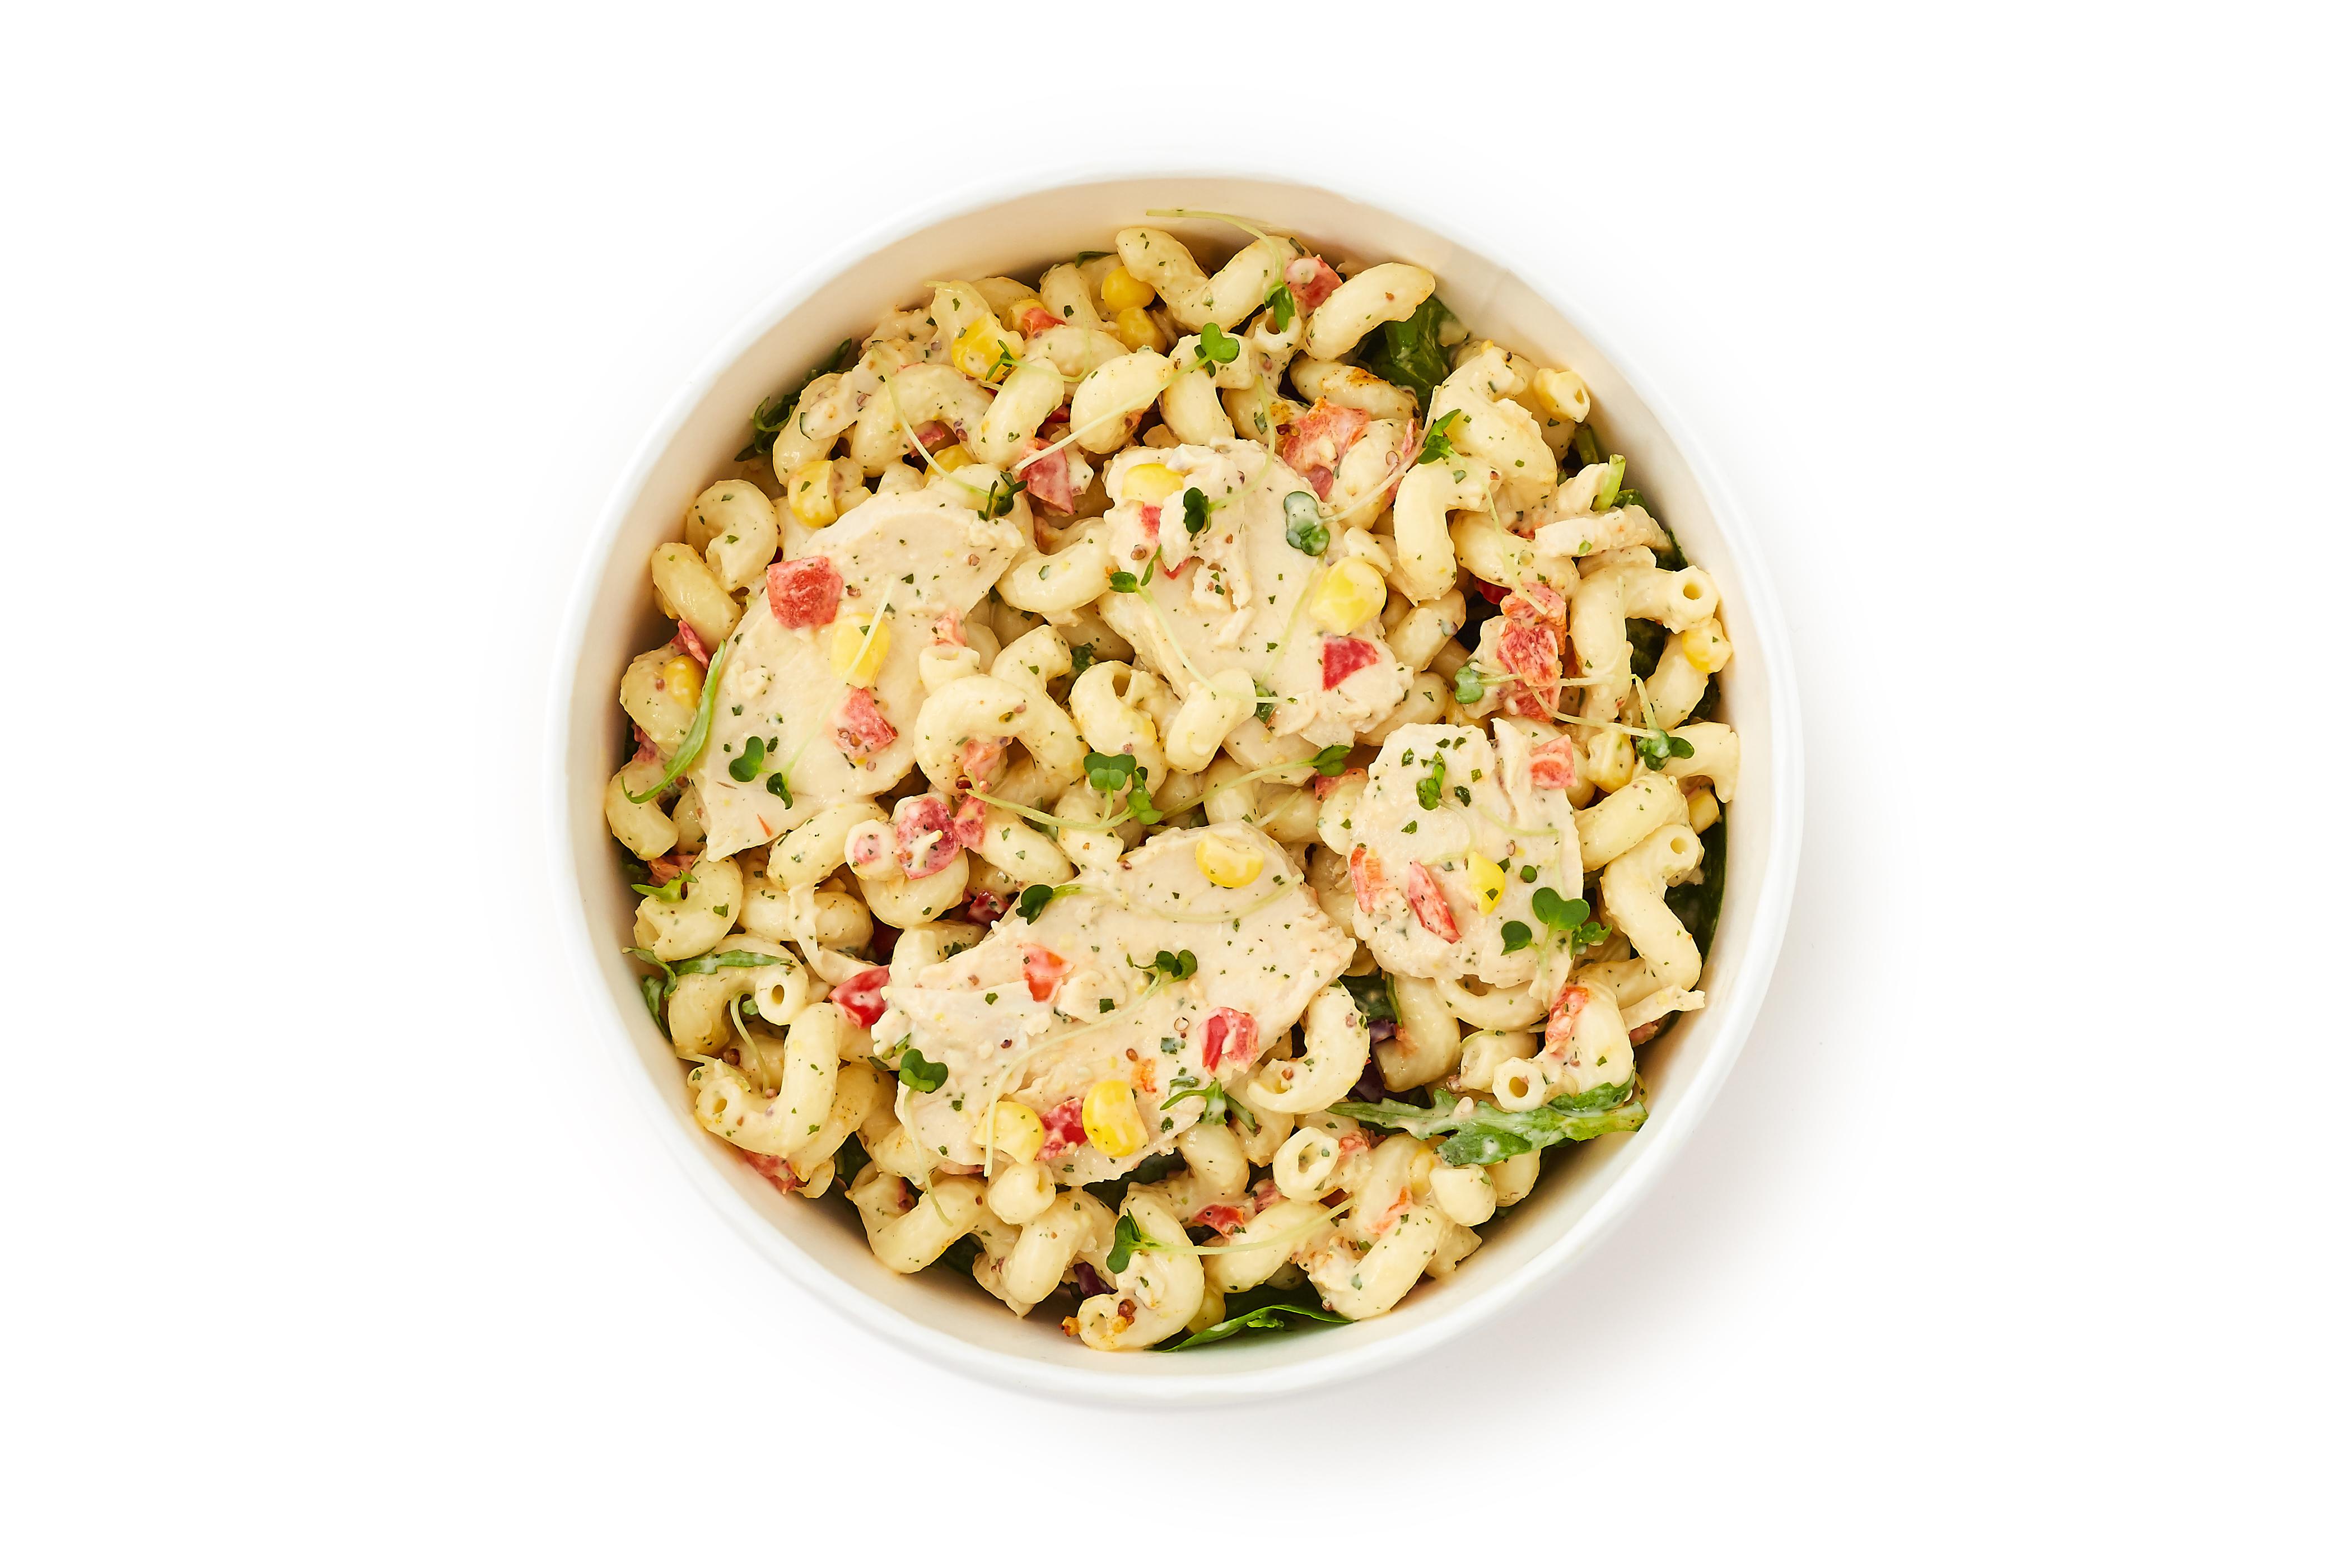 Chicken & Pasta Salad